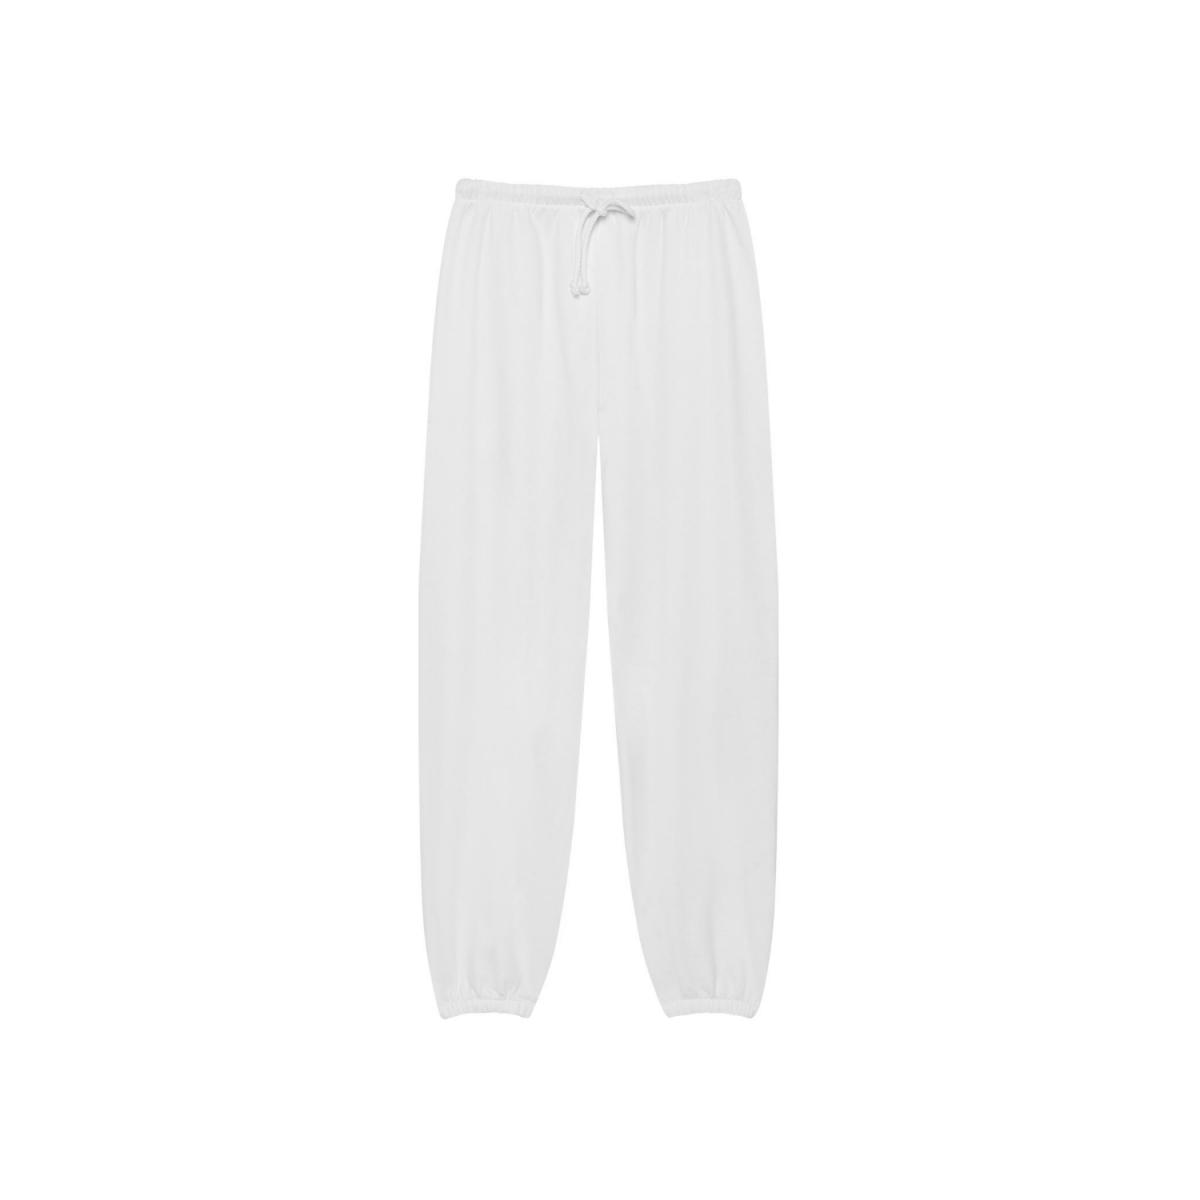 wititi sweat pants - blance